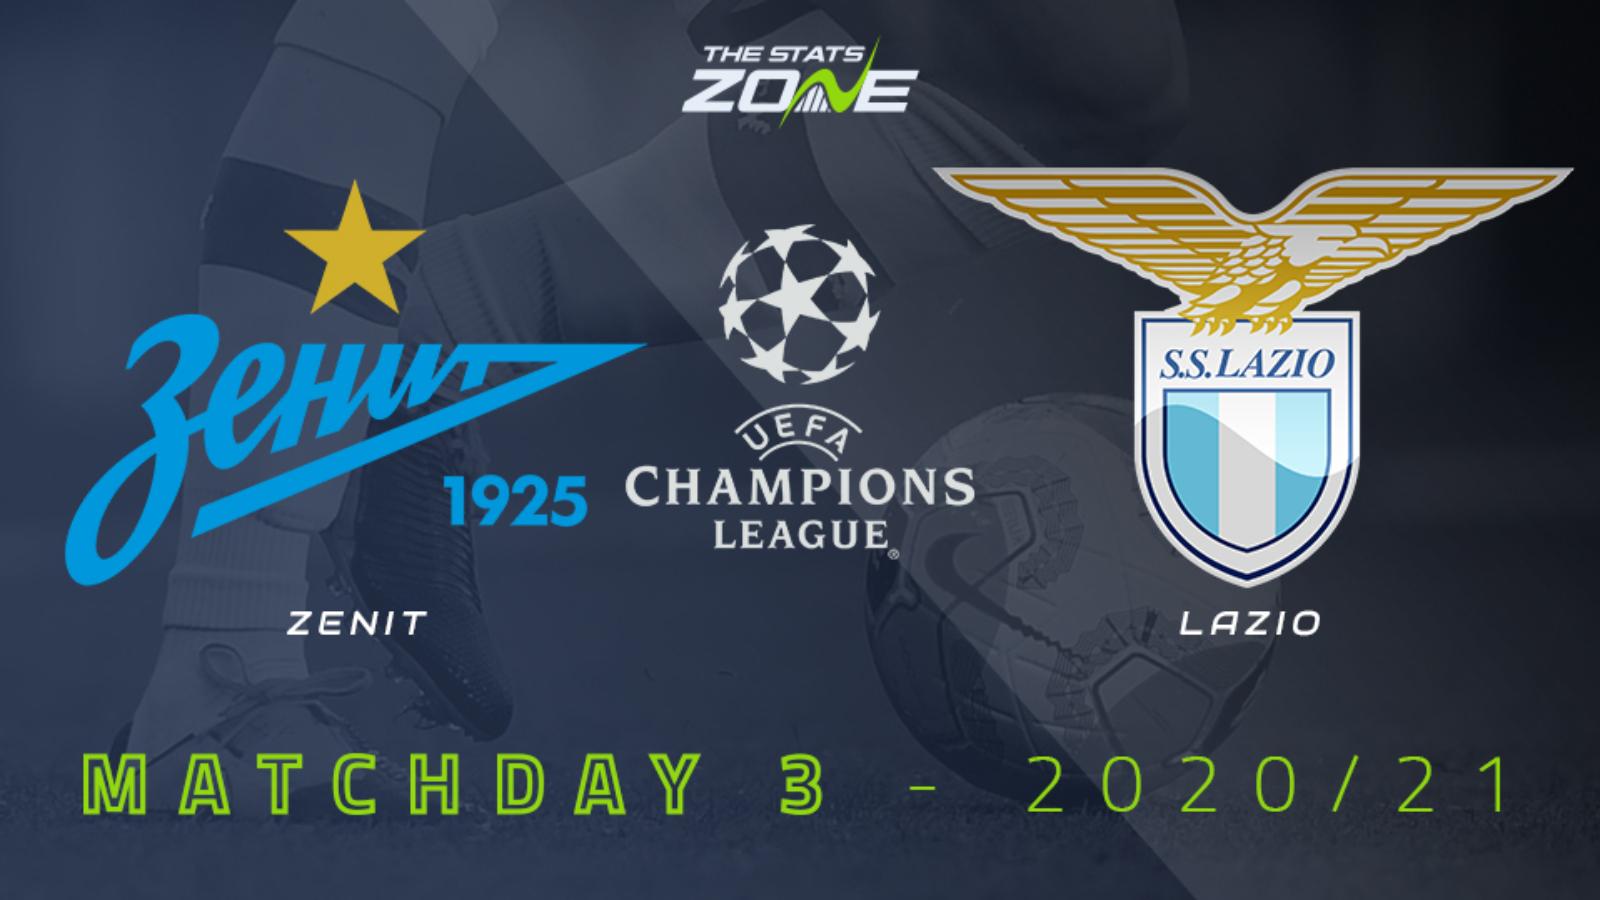 2020 21 Uefa Champions League Zenit Vs Lazio Preview Prediction The Stats Zone